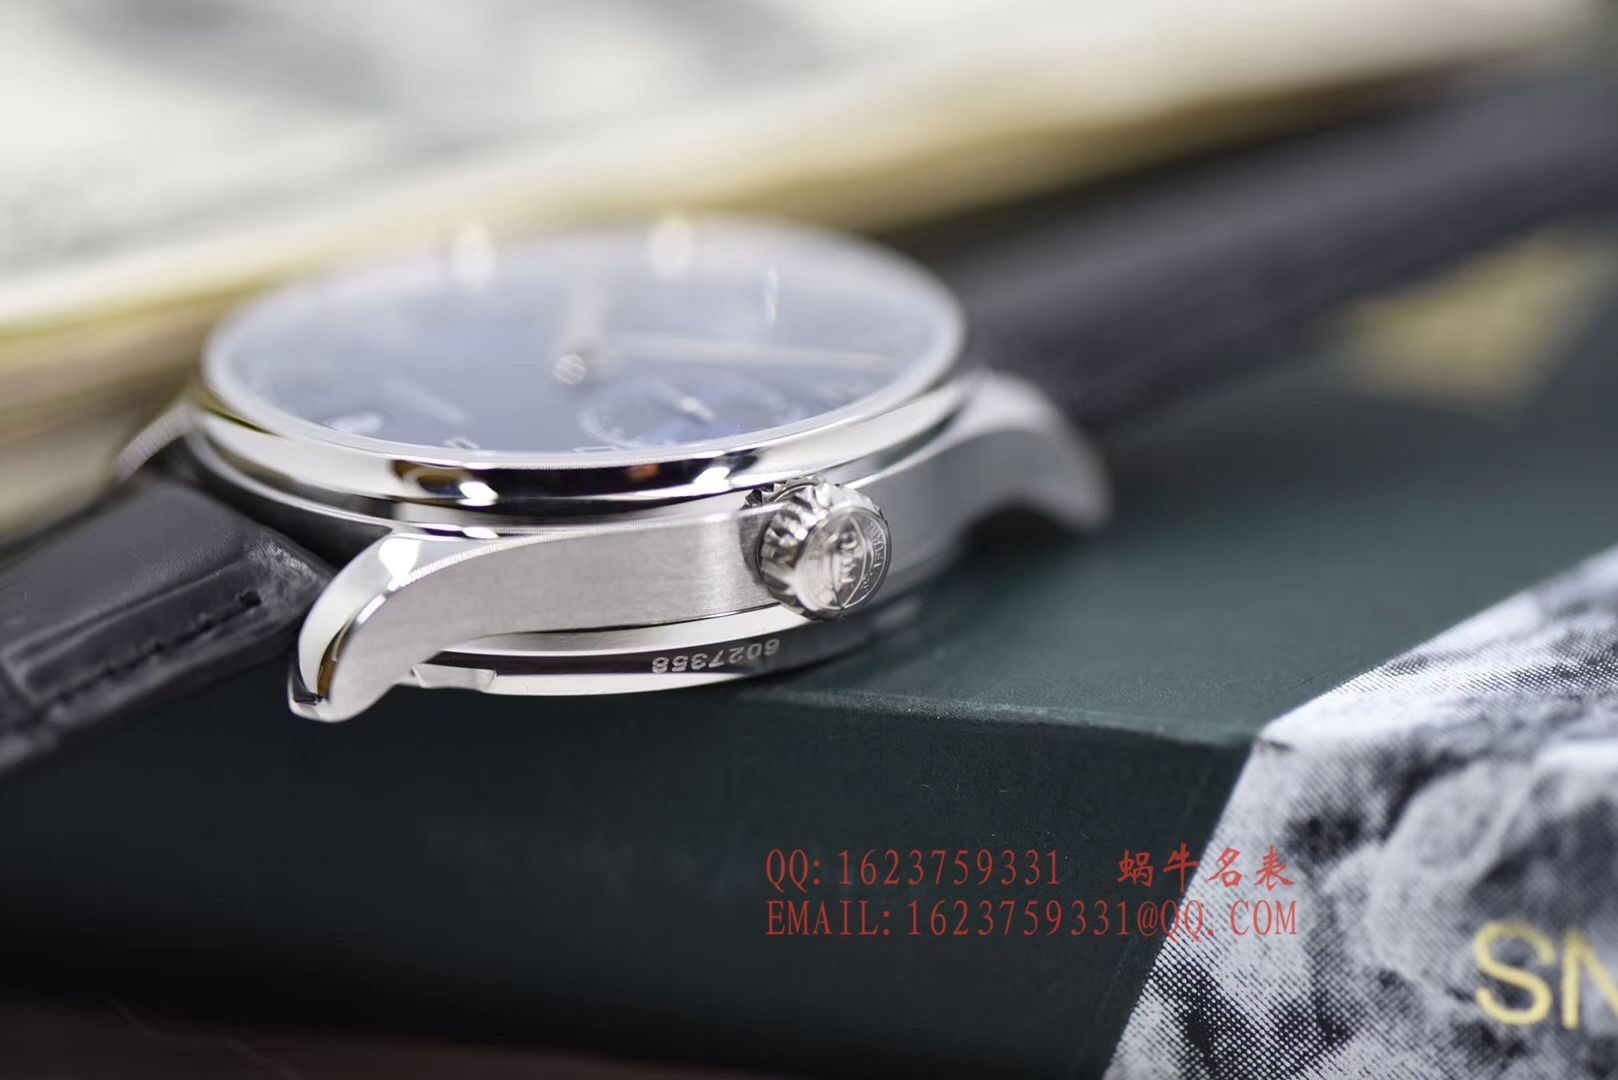 【独家视频评测ZF一比一超A高仿手表V5版本】万国葡萄牙七天7 DAYS系列 IW500710腕表《葡七蓝面》 / WG316